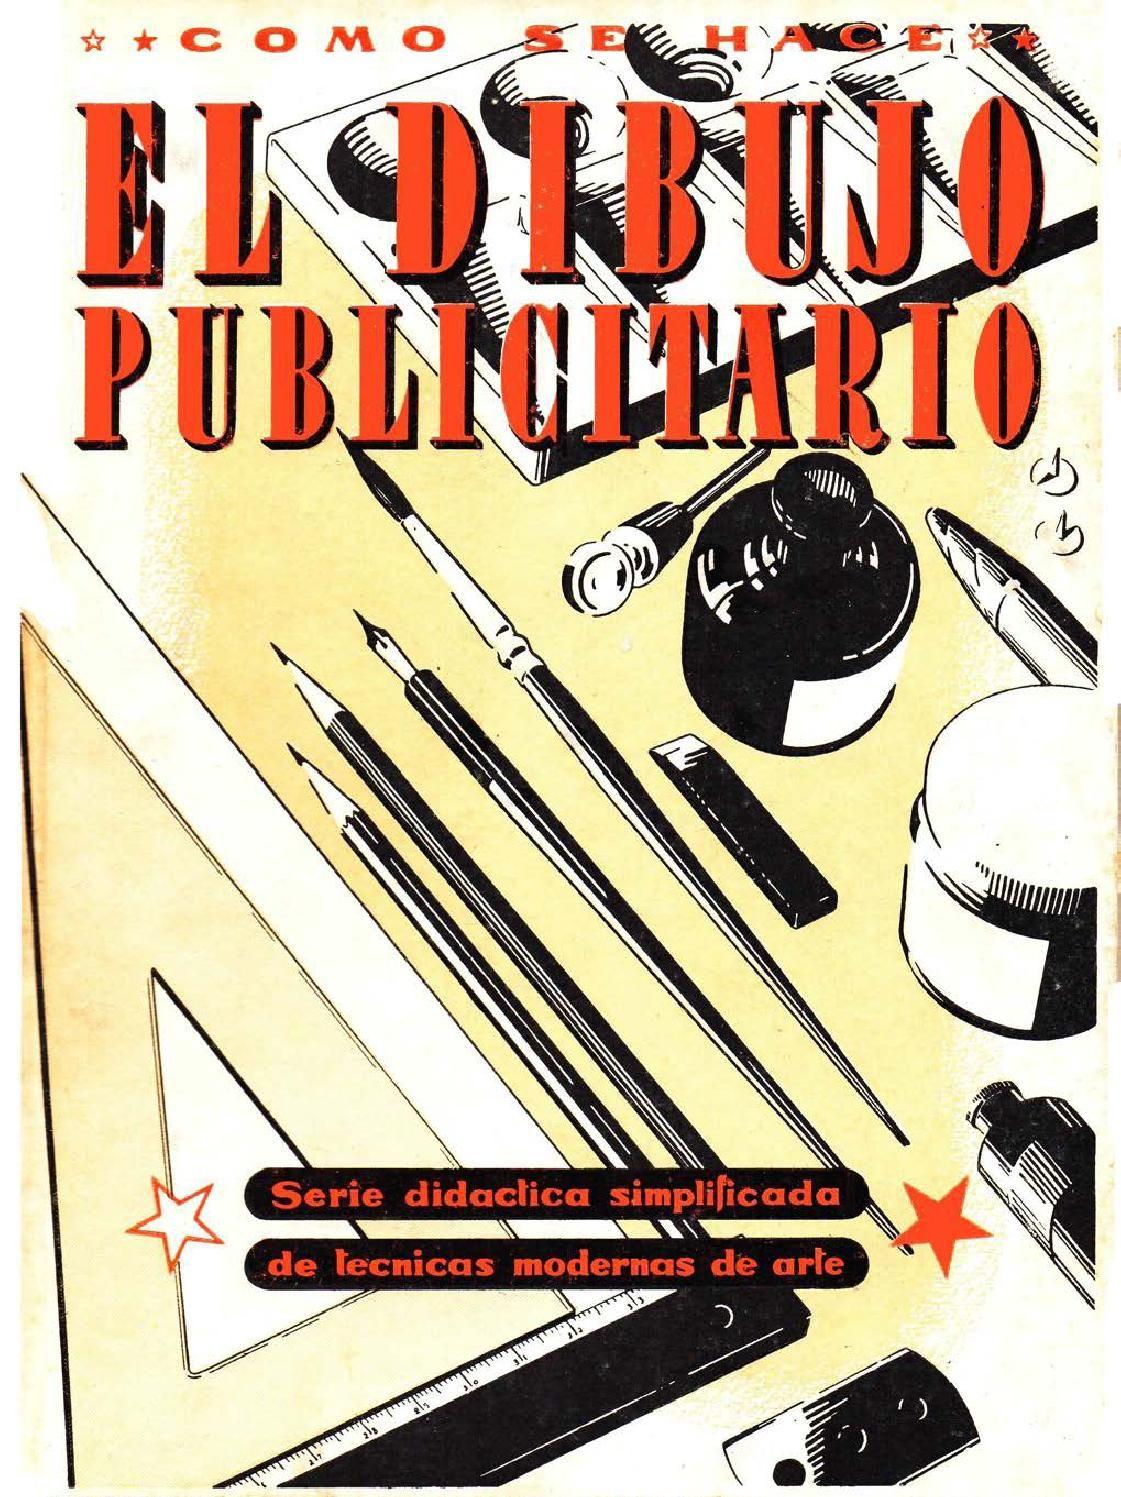 Como Hacer Dibujo Publicitario Escuela Antigua Estudios De Arte Libros De Arte